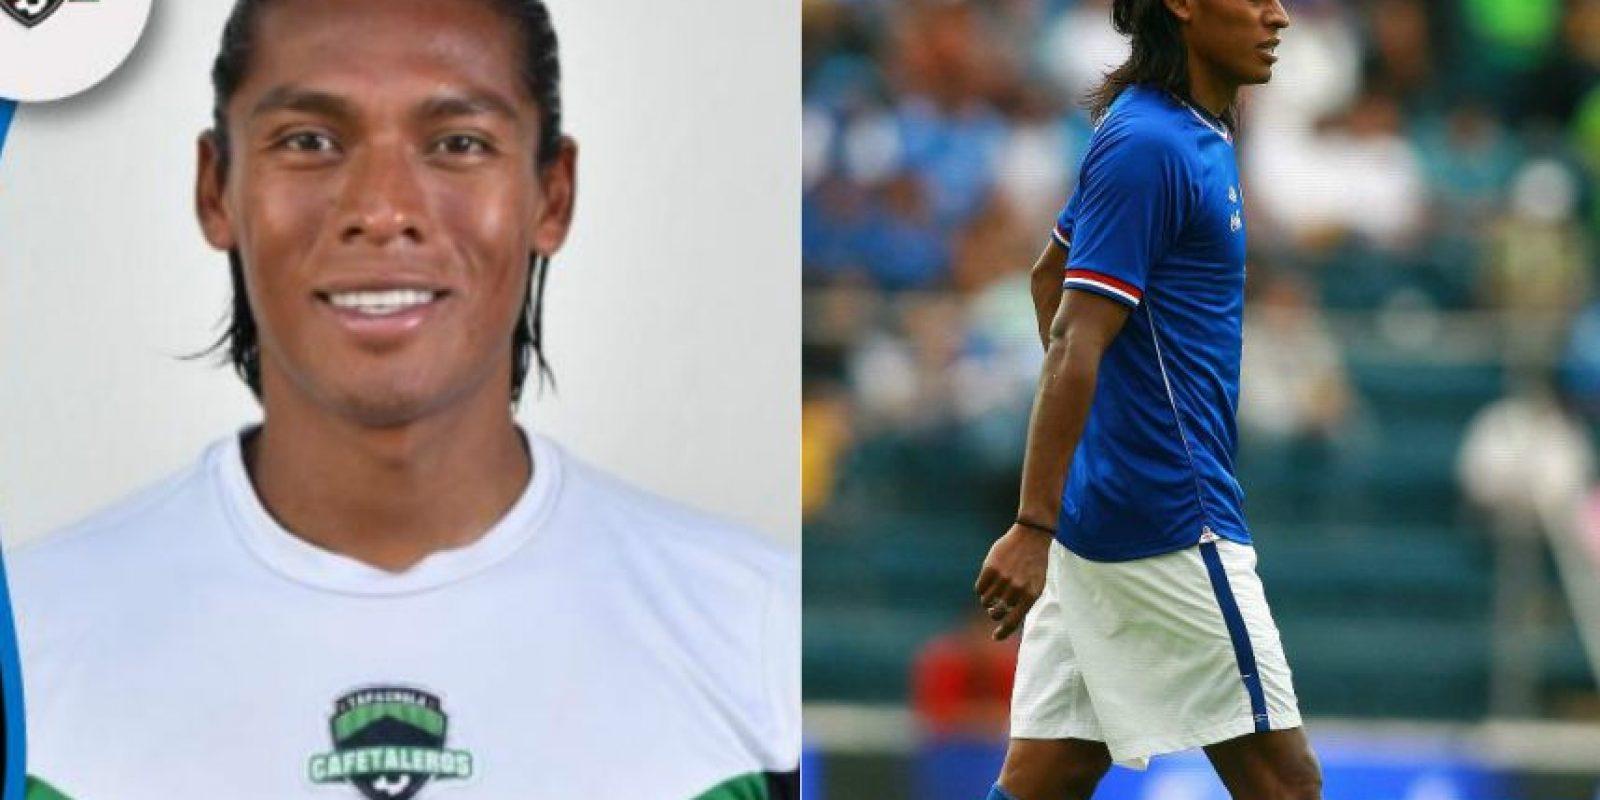 Joel Huiqui llegó a ser seleccionado nacional y titular en Cruz Azul. Su nivel ha venido a menos y ahora juega en la Primera División A. Foto:Mexsport